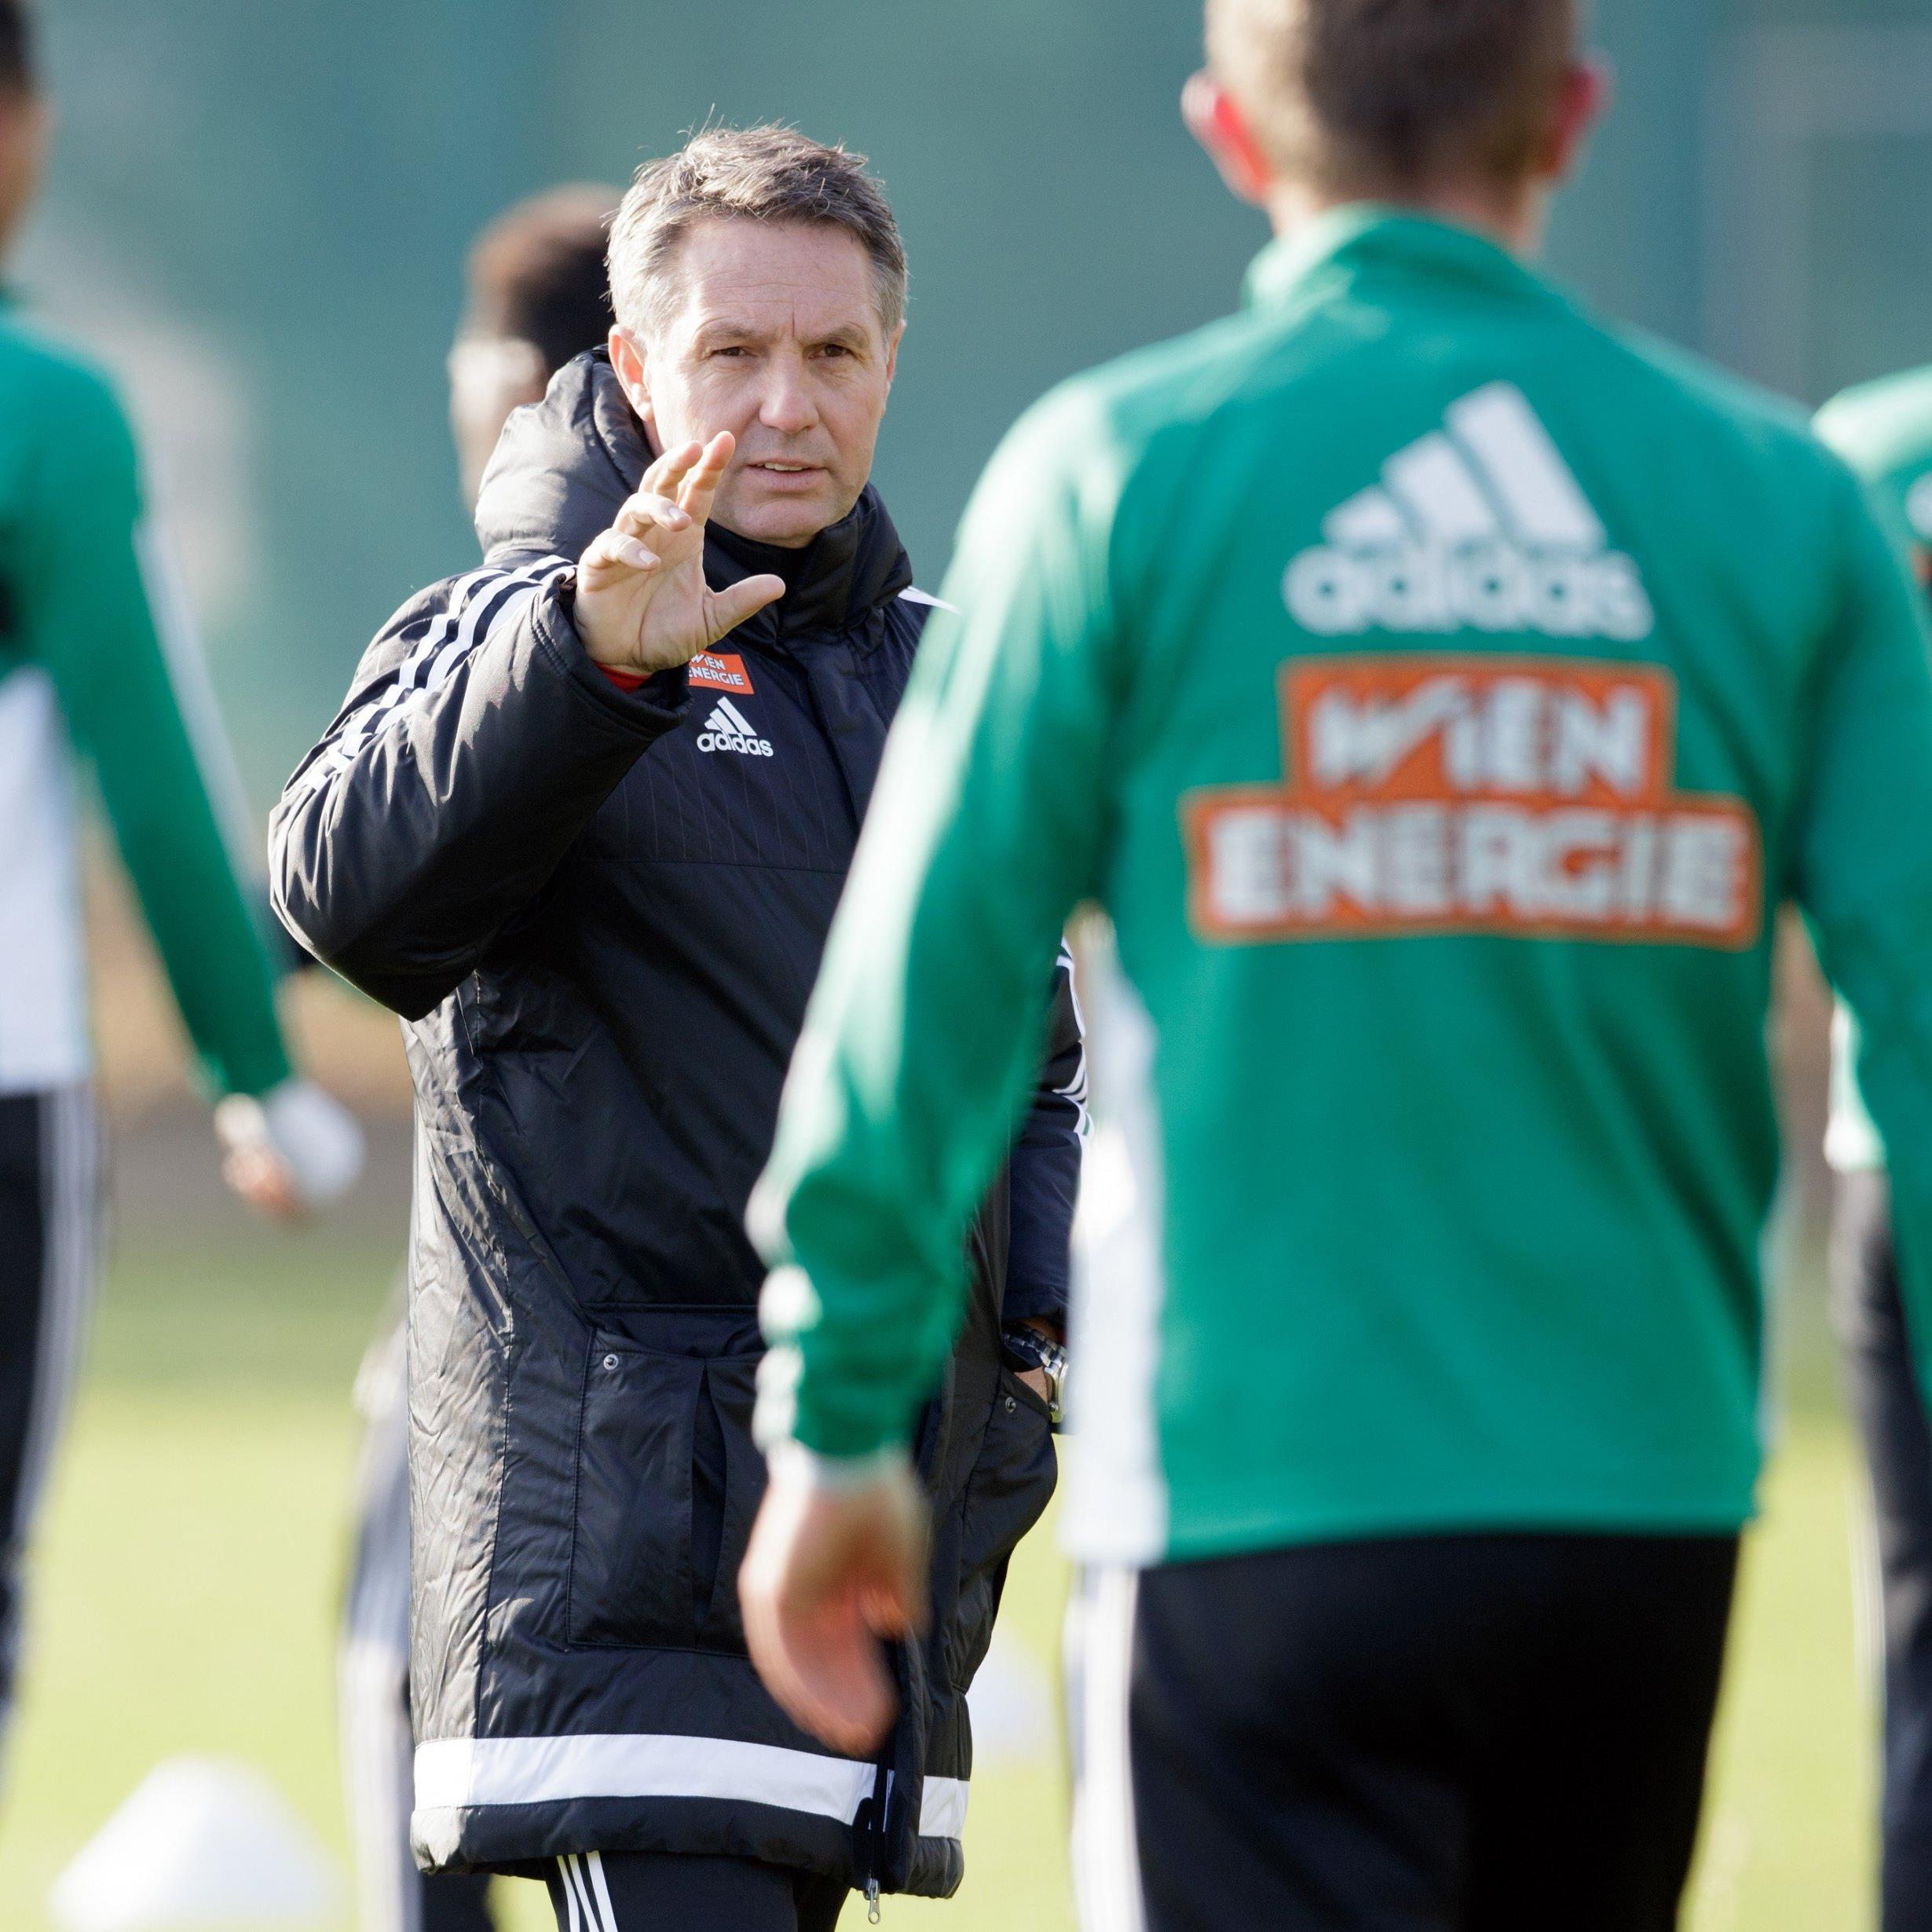 Canadi bei seinem ersten Training mit Rapid Wien.